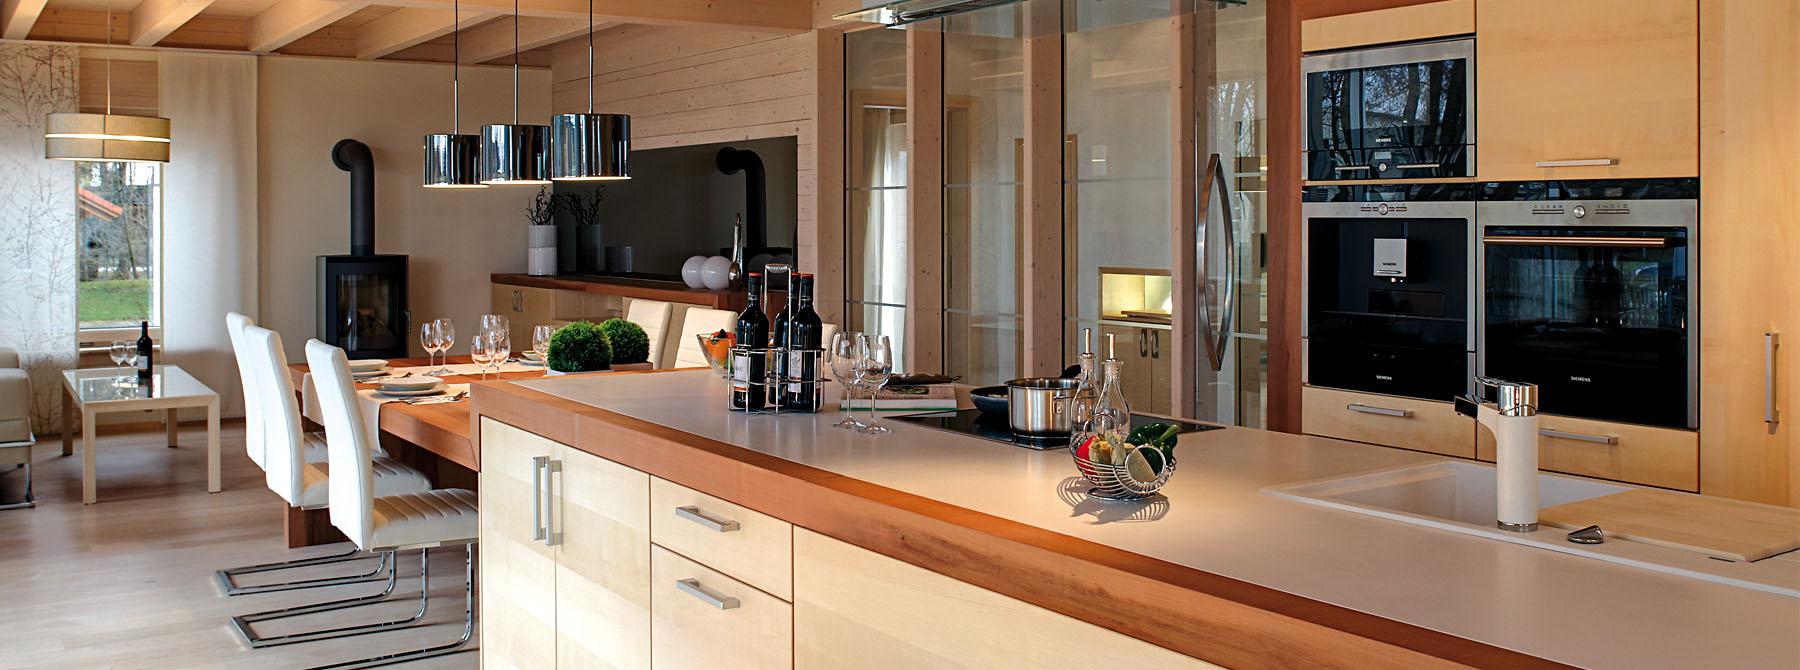 Küchen und Küchenmöbel aus Massivholz - Sonnleitner.de - Bauen Sie ...